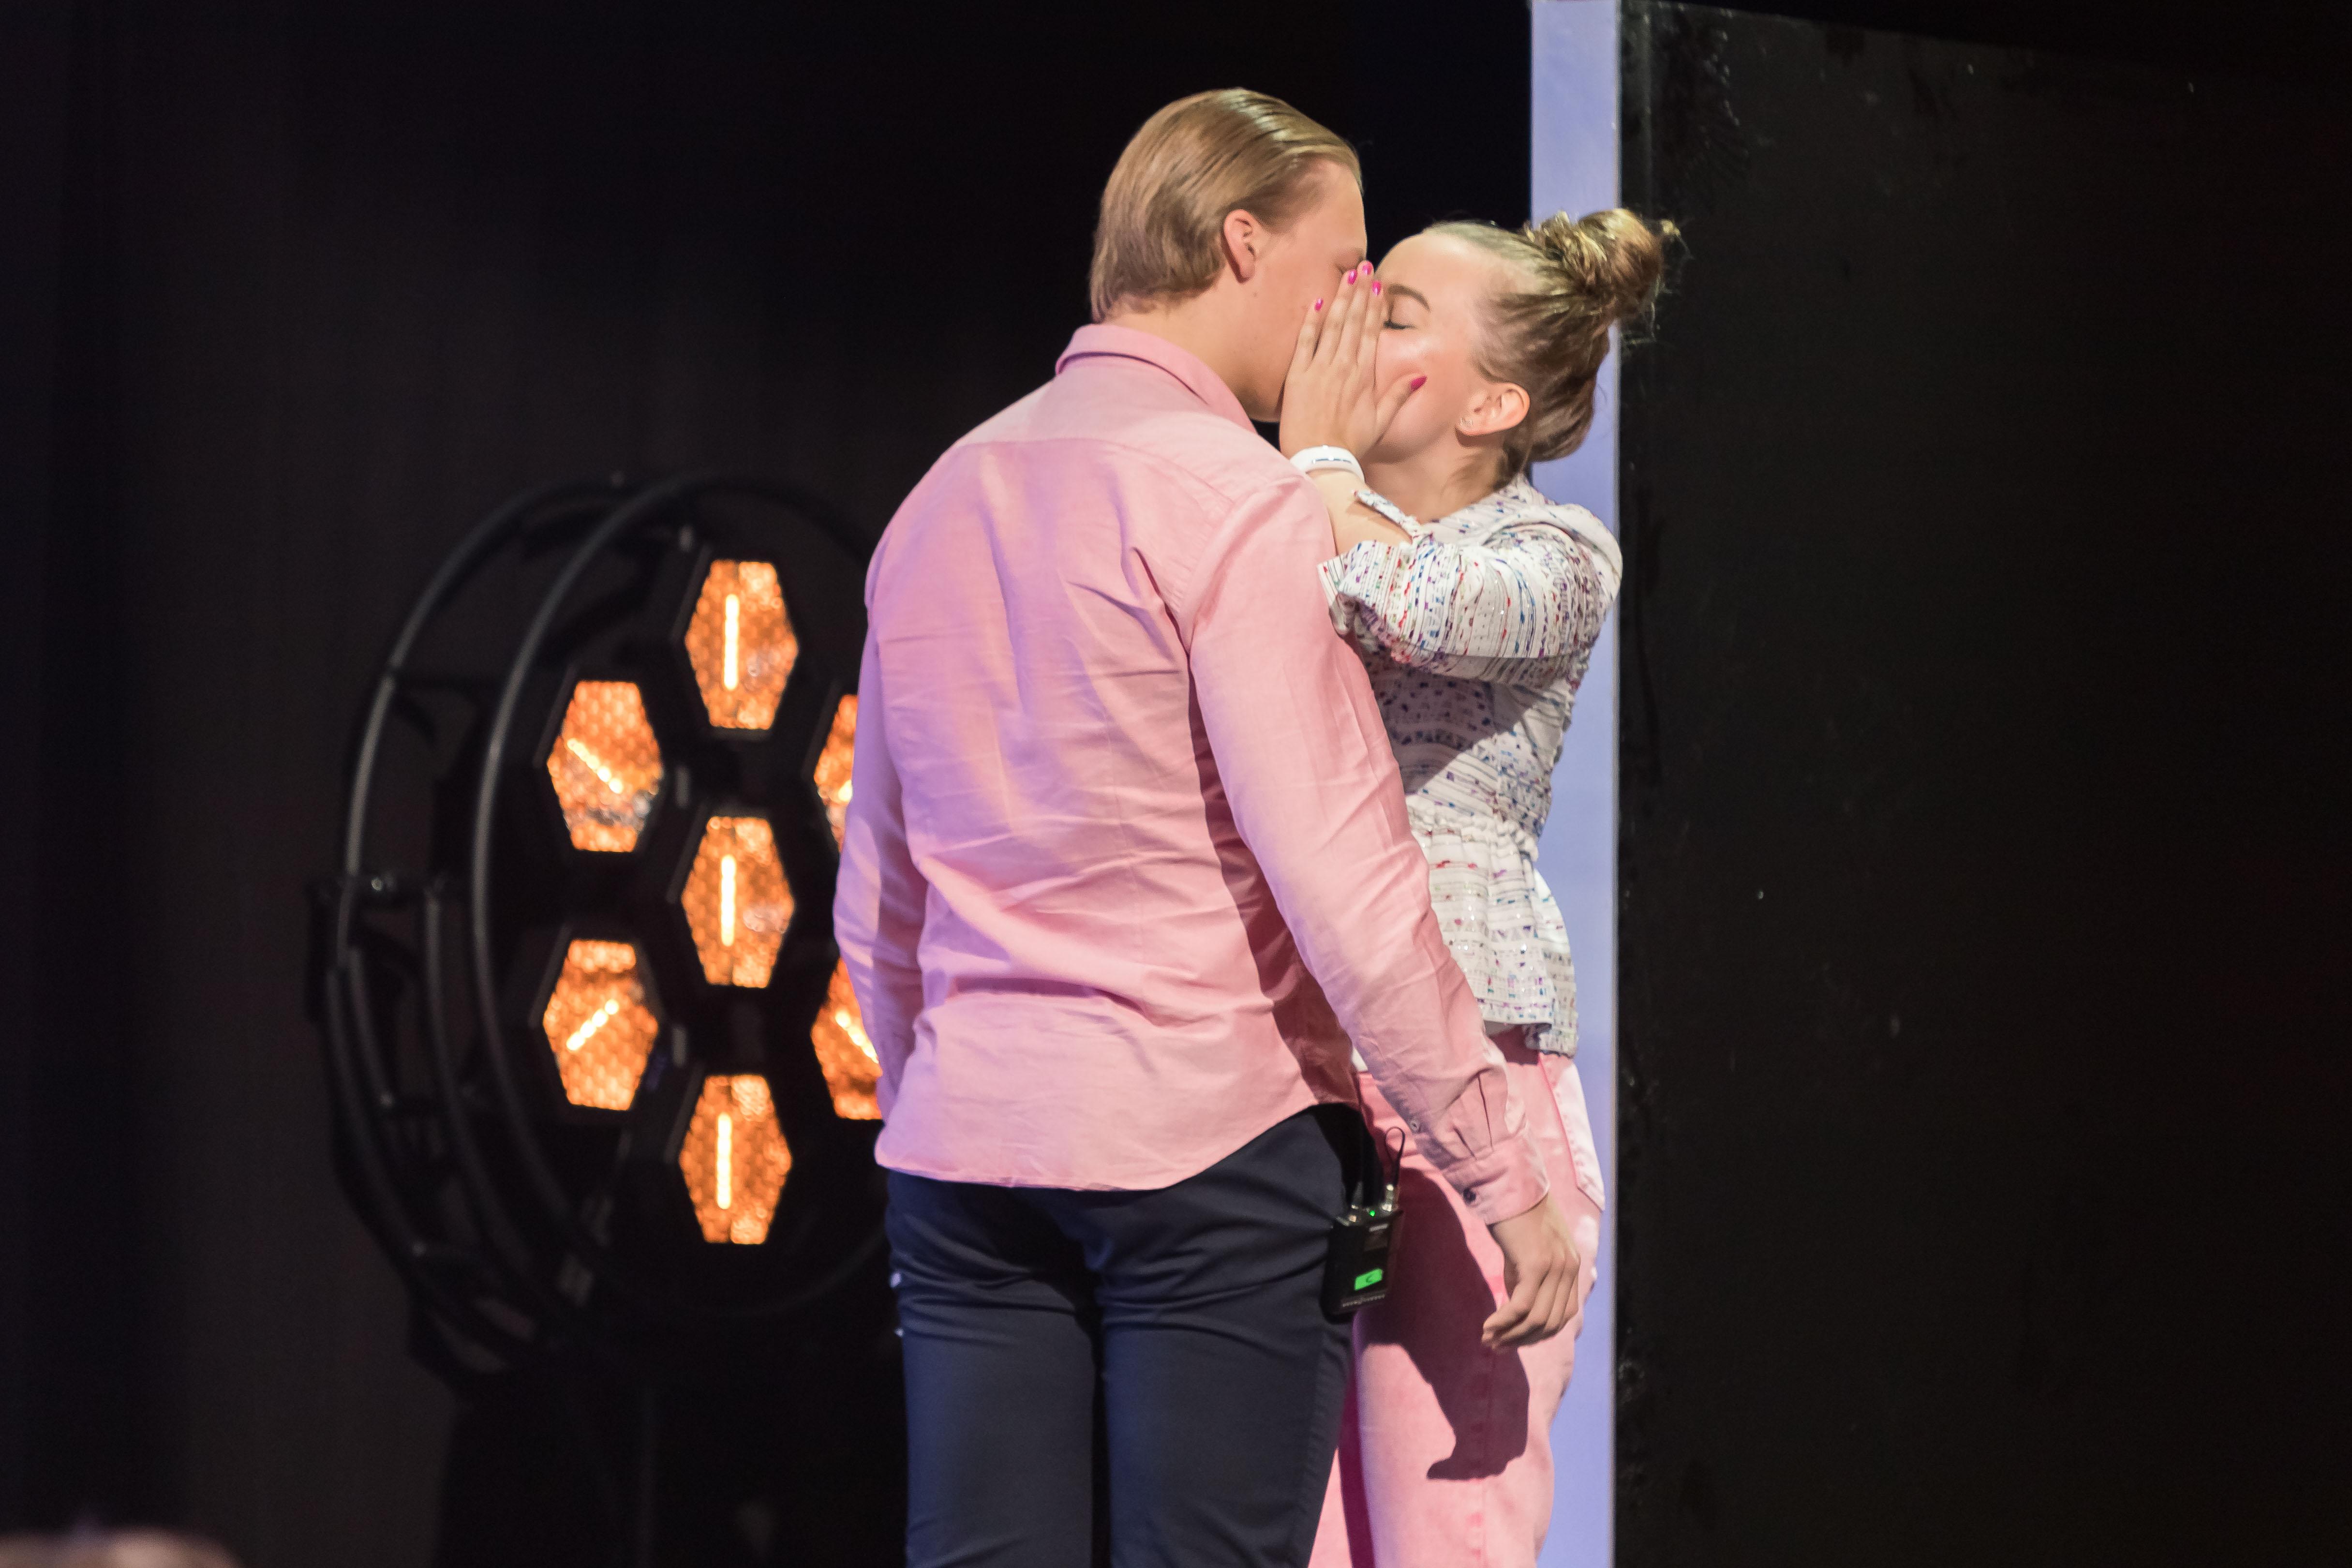 Muiskis! Janika Terho päätti repäistä ja osallistui Nelosen Napakymppiin. Jakso nähtiin televisiossa keväällä 2019.